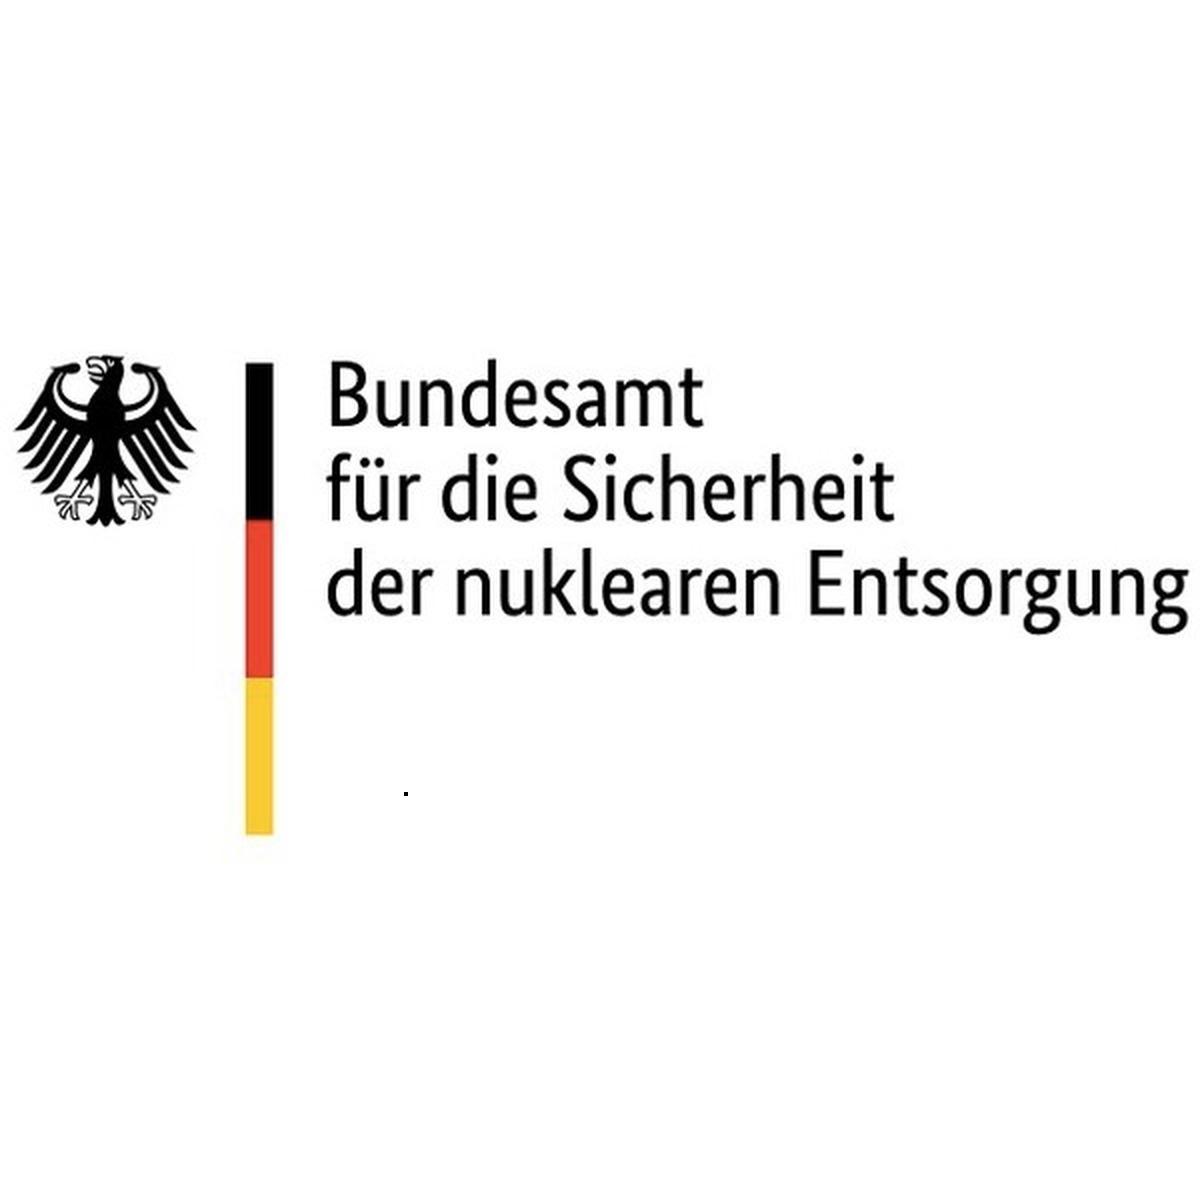 Bundesamt für die Sicherheit der nuklearen Entsorgung